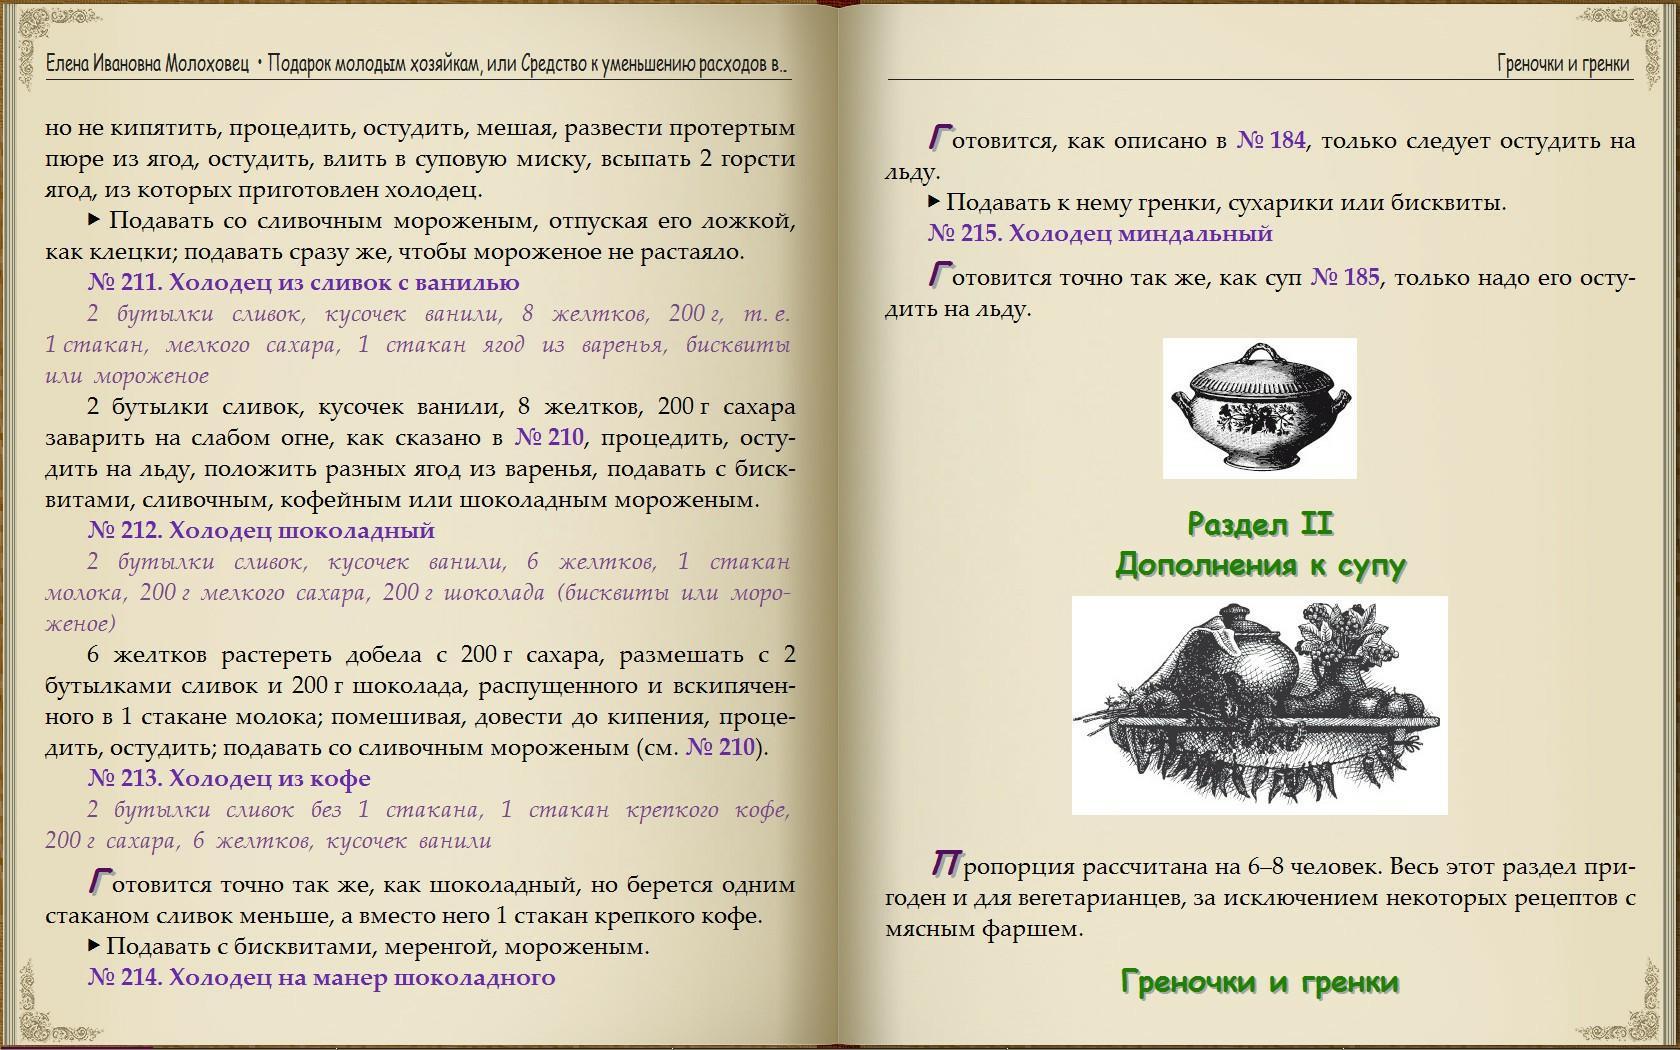 В книге-елены молоховец подарок молодым хозяйкам имеется рецепт пирога